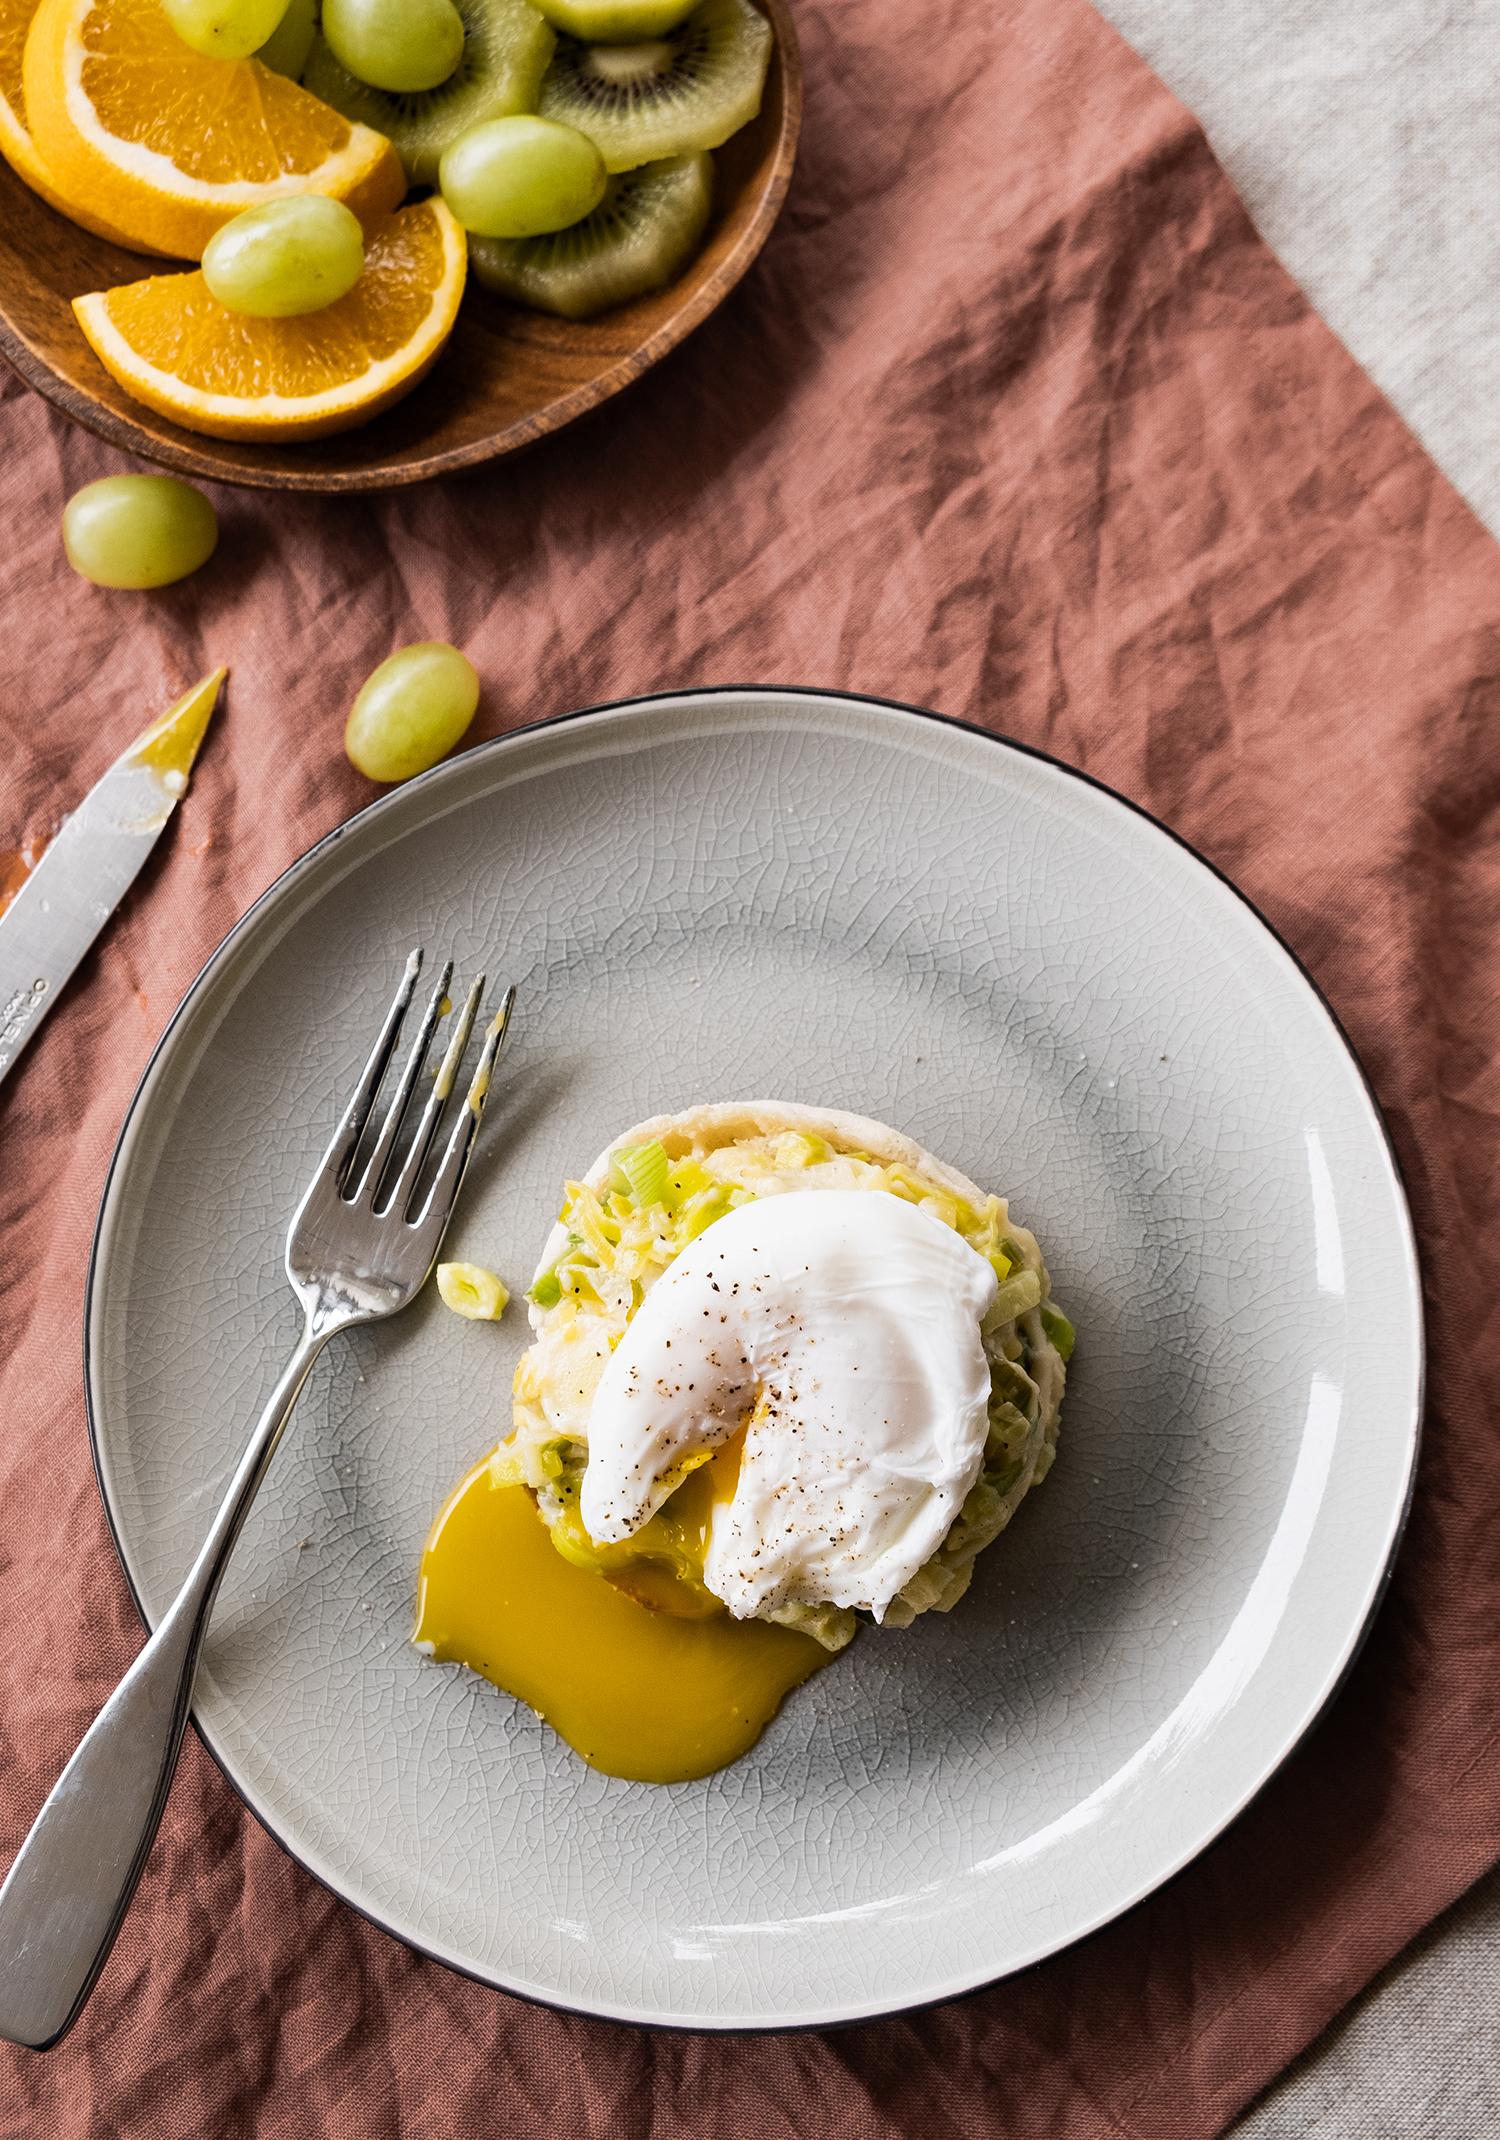 œufs poches garniture aux poireaux et au fromage oka